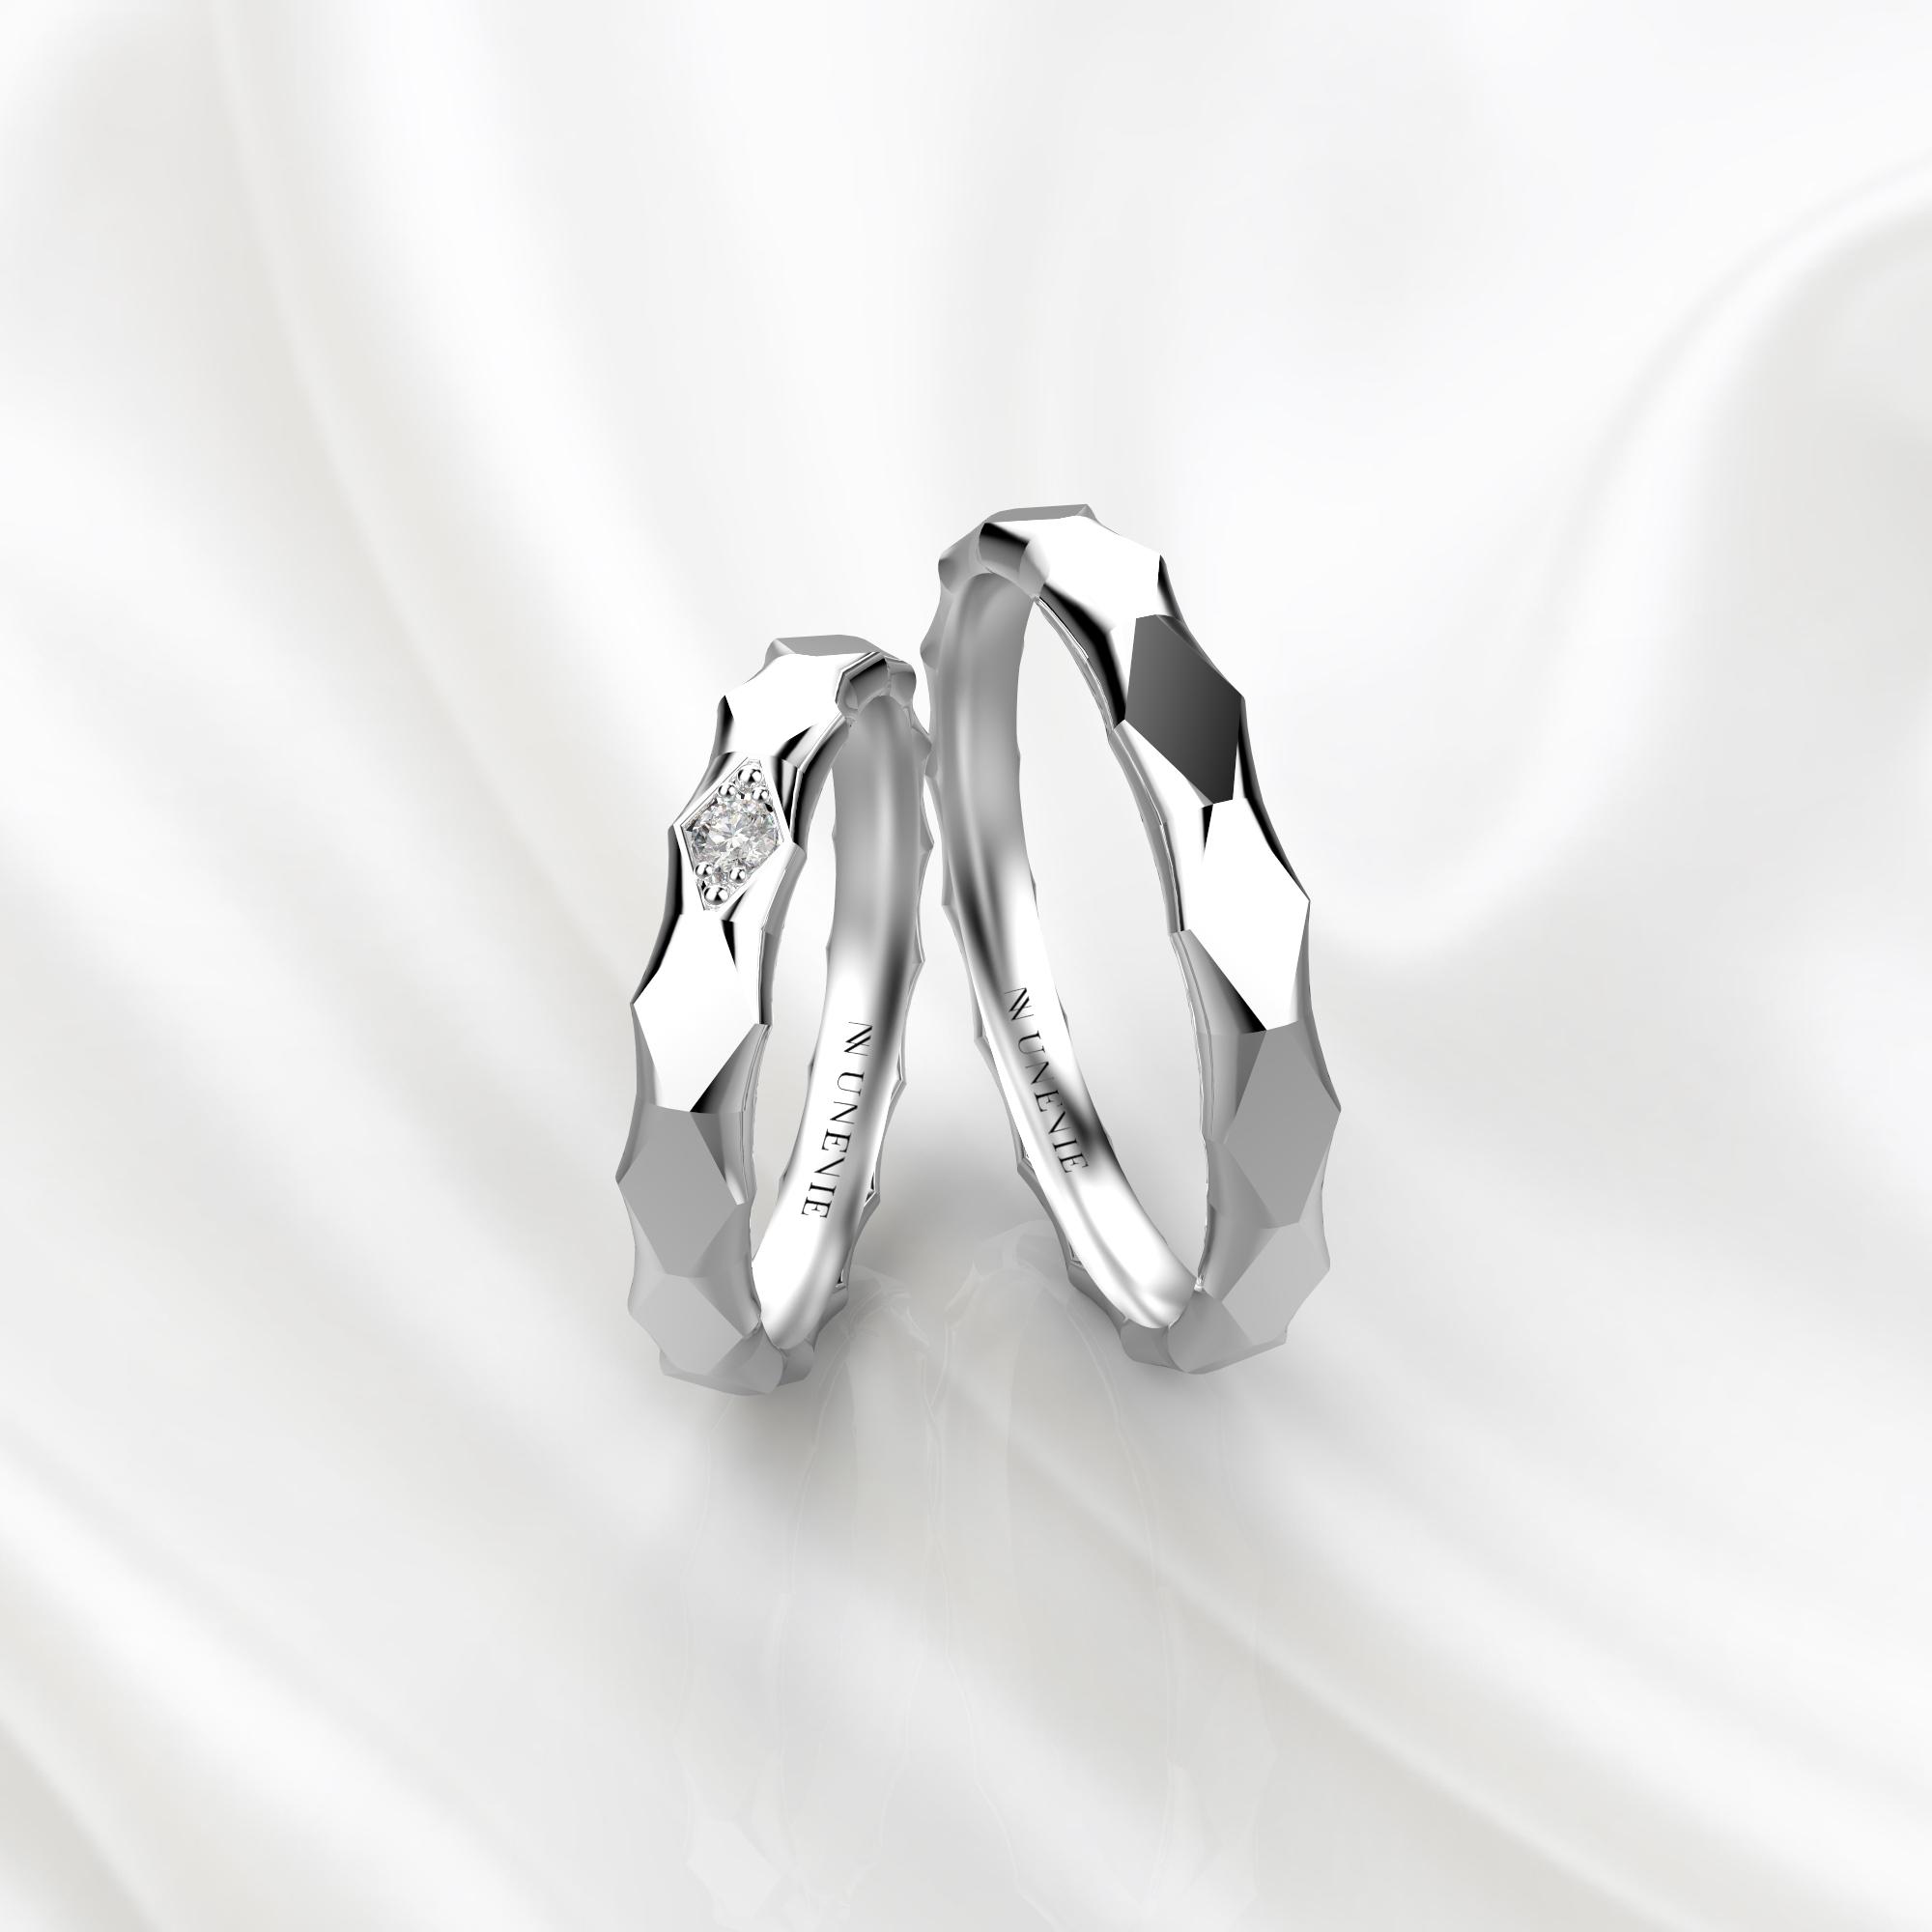 NV62 Парные обручальные кольца из белого золота с бриллиантом